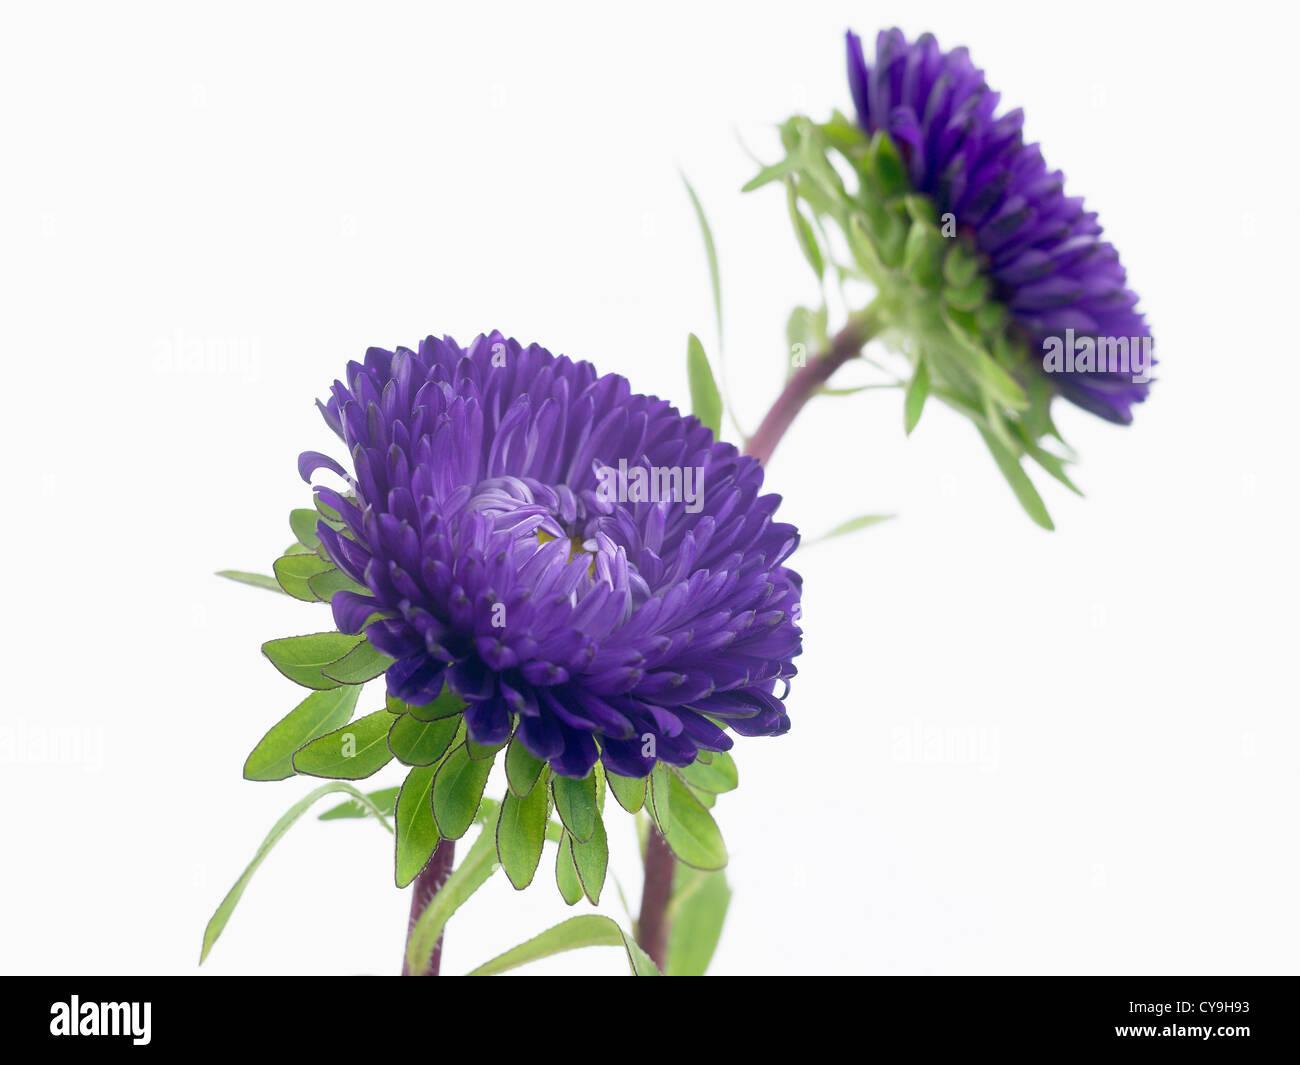 Callistephus chinensis matsumoto china aster purple flowers on callistephus chinensis matsumoto china aster purple flowers on stems against a white background mightylinksfo